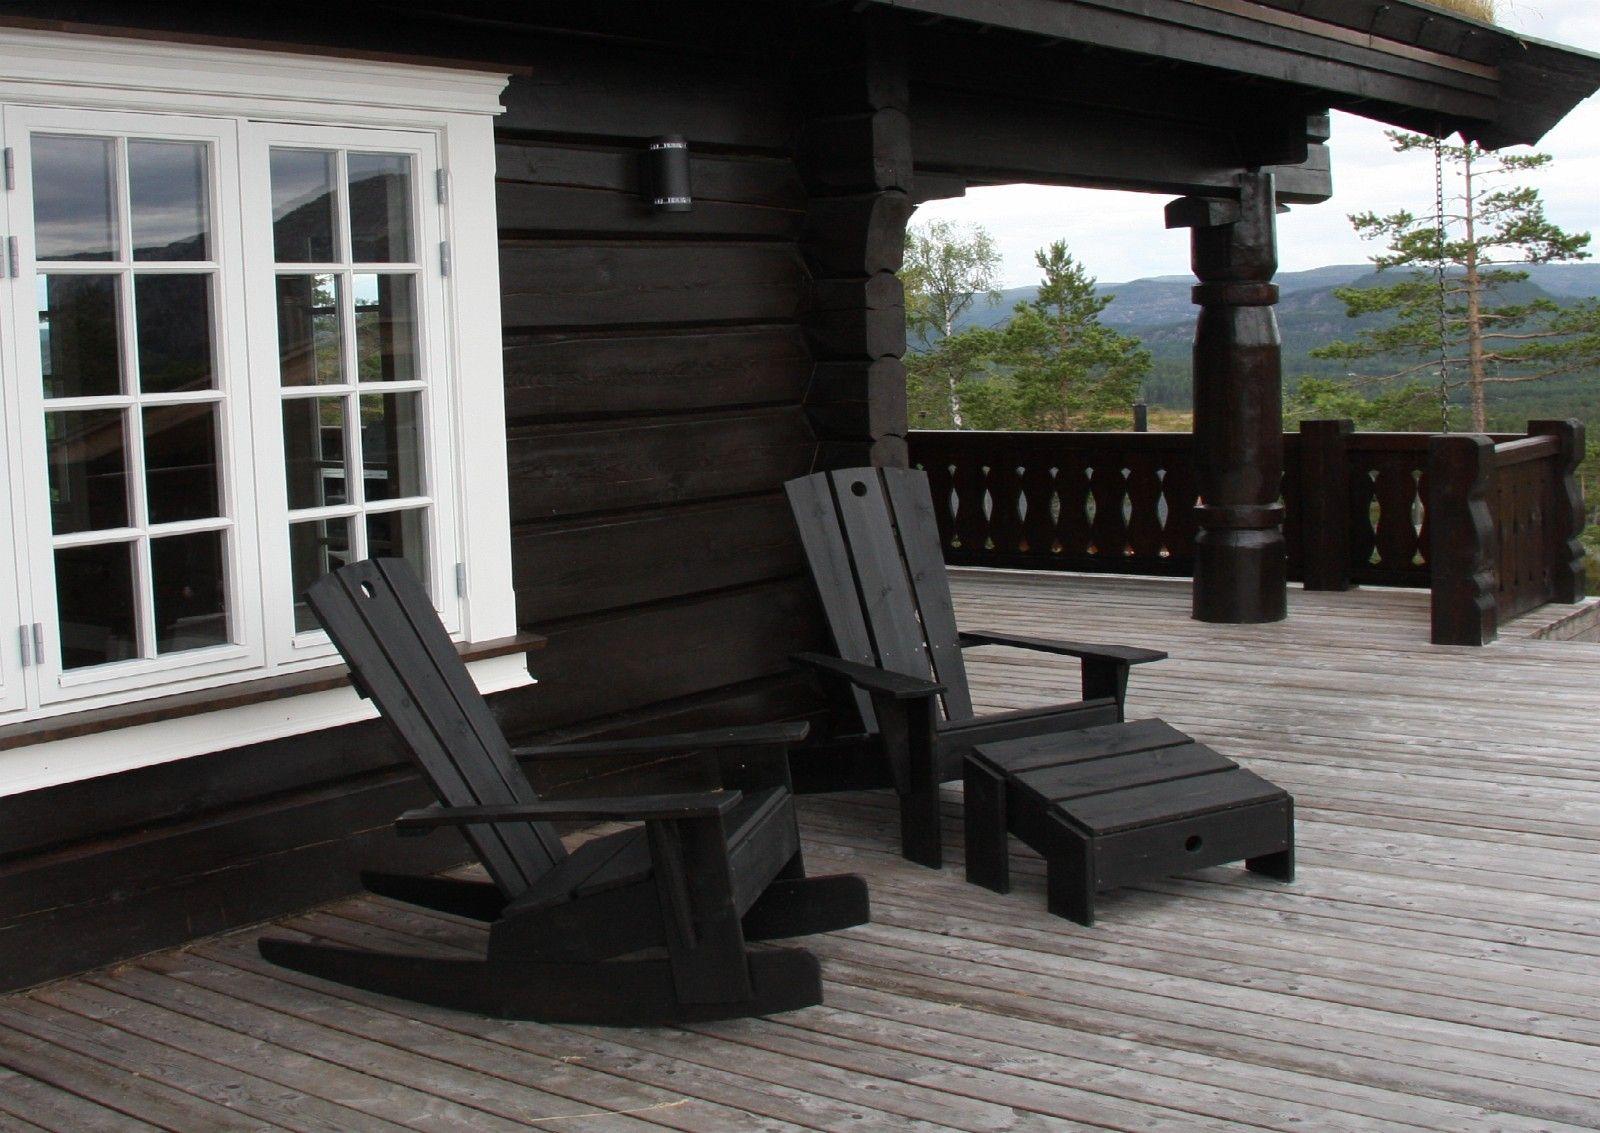 Hyggelig Hagemøbler/Utemøbler/Terrassemøbler/Hyttemøbler i eik heltre WU-63